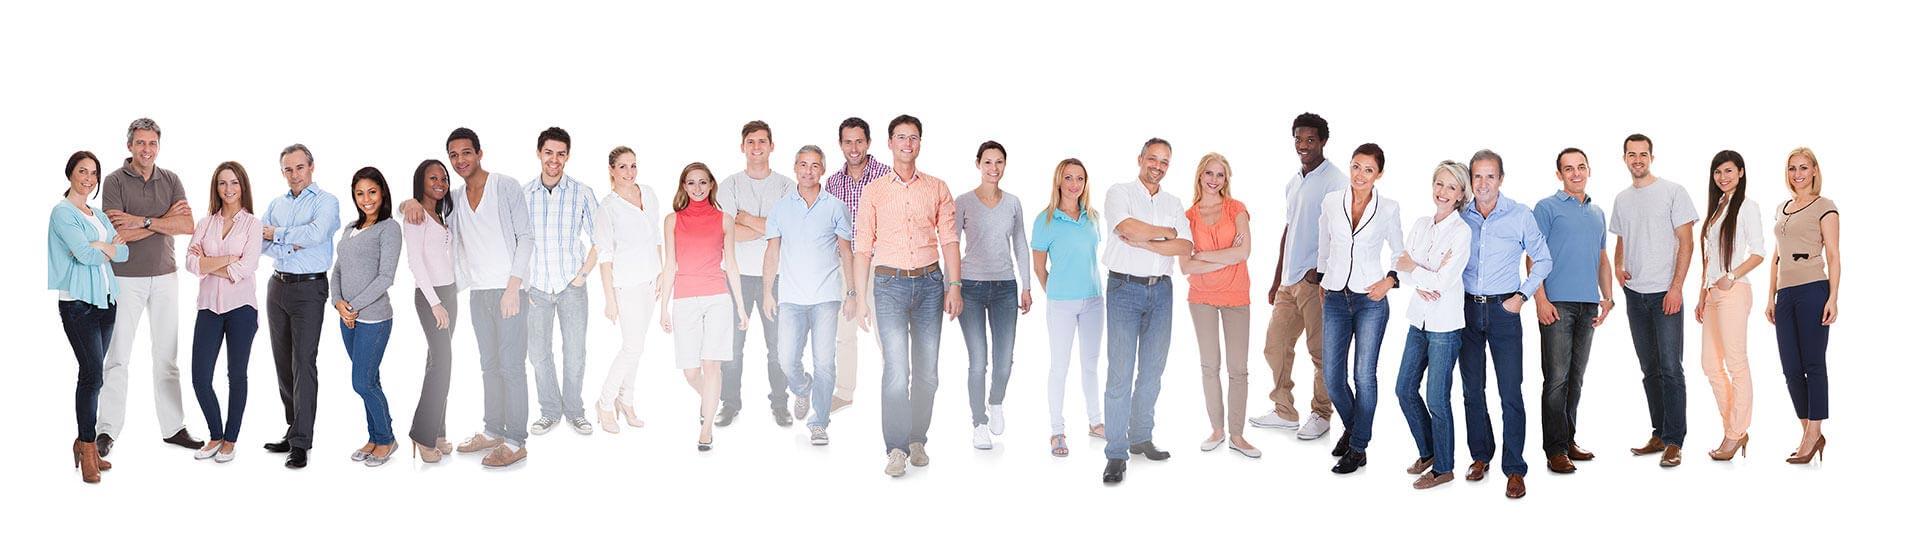 Dialogue clients : panels en ligne et communautés consommateurs